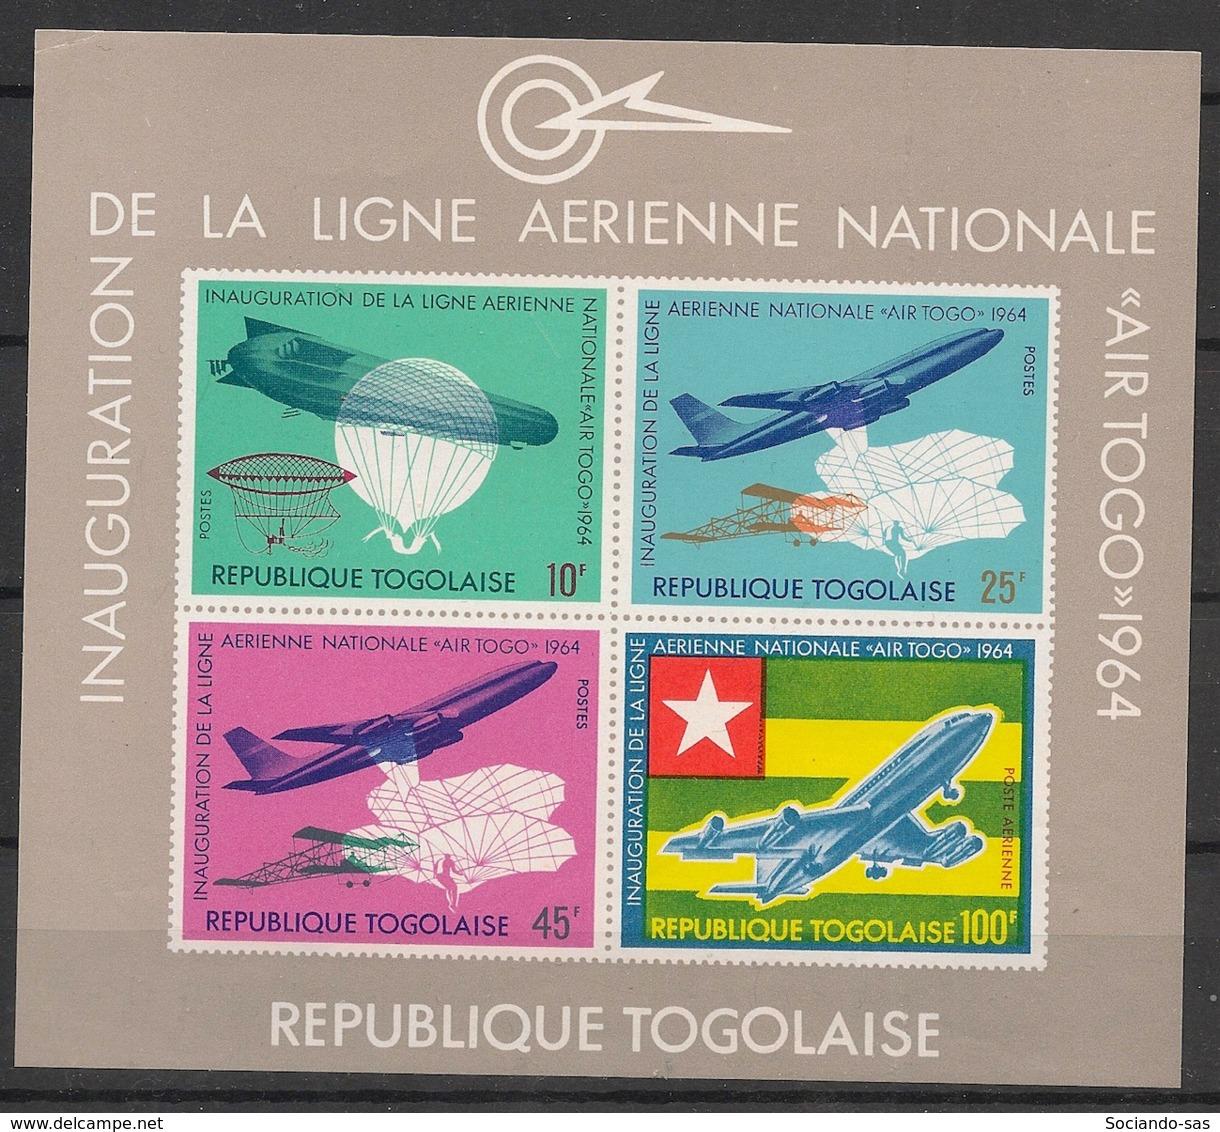 Togo - 1964 - Bloc Feuillet BF N°Yv. 14 - Air Togo - Neuf Luxe ** / MNH / Postfrisch - Togo (1960-...)